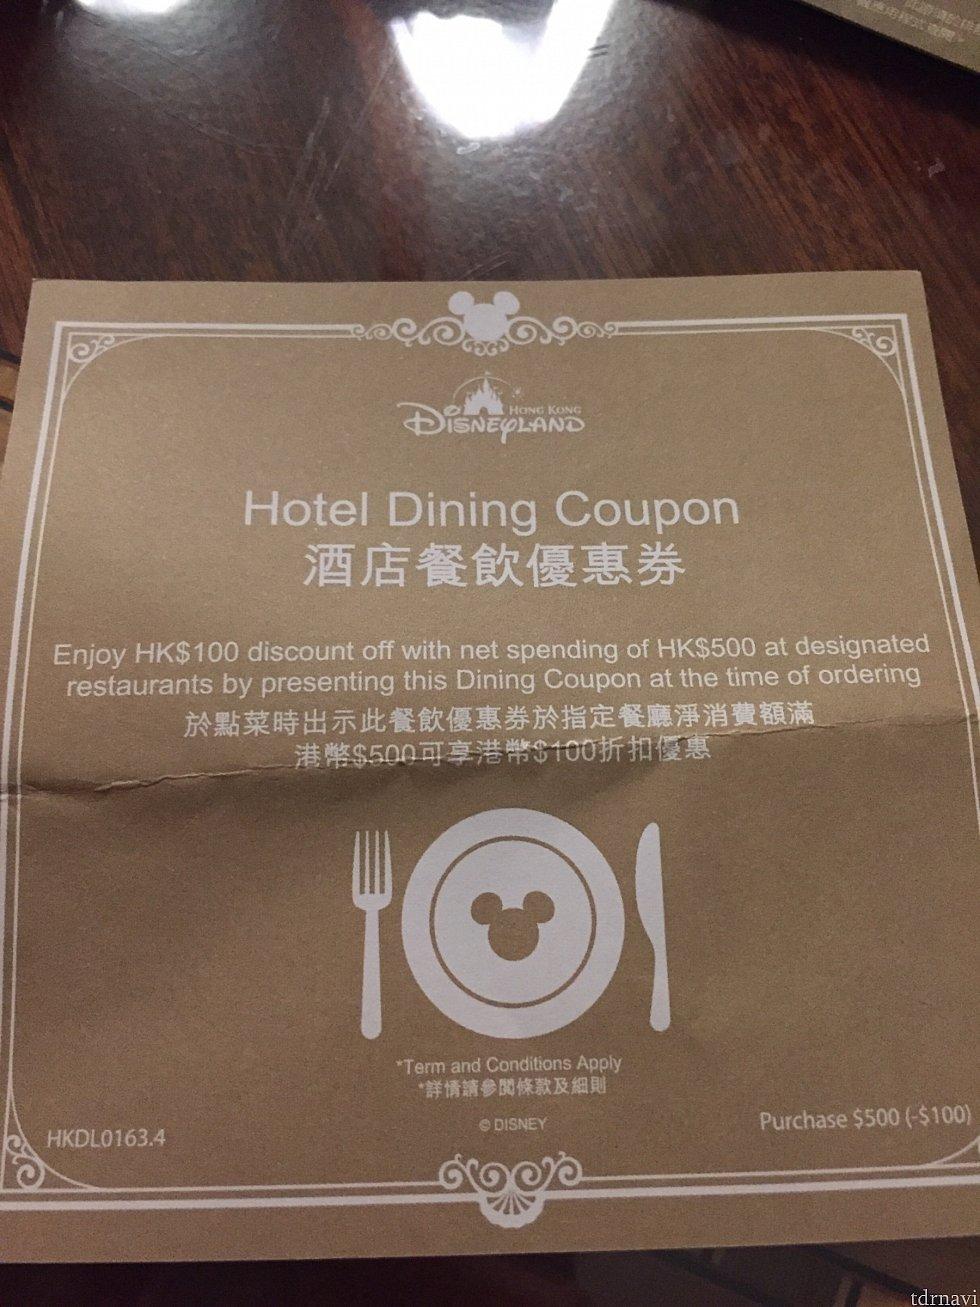 なぜもらえたのなわからないホテルのレストランのクーポン🙌 HK$500以上でHK$100引きのクーポン✨ ウォルトカフェの朝食(コンチネンタルブレックファースト)で3人分注文予定だったのでこれはお安くできました😍